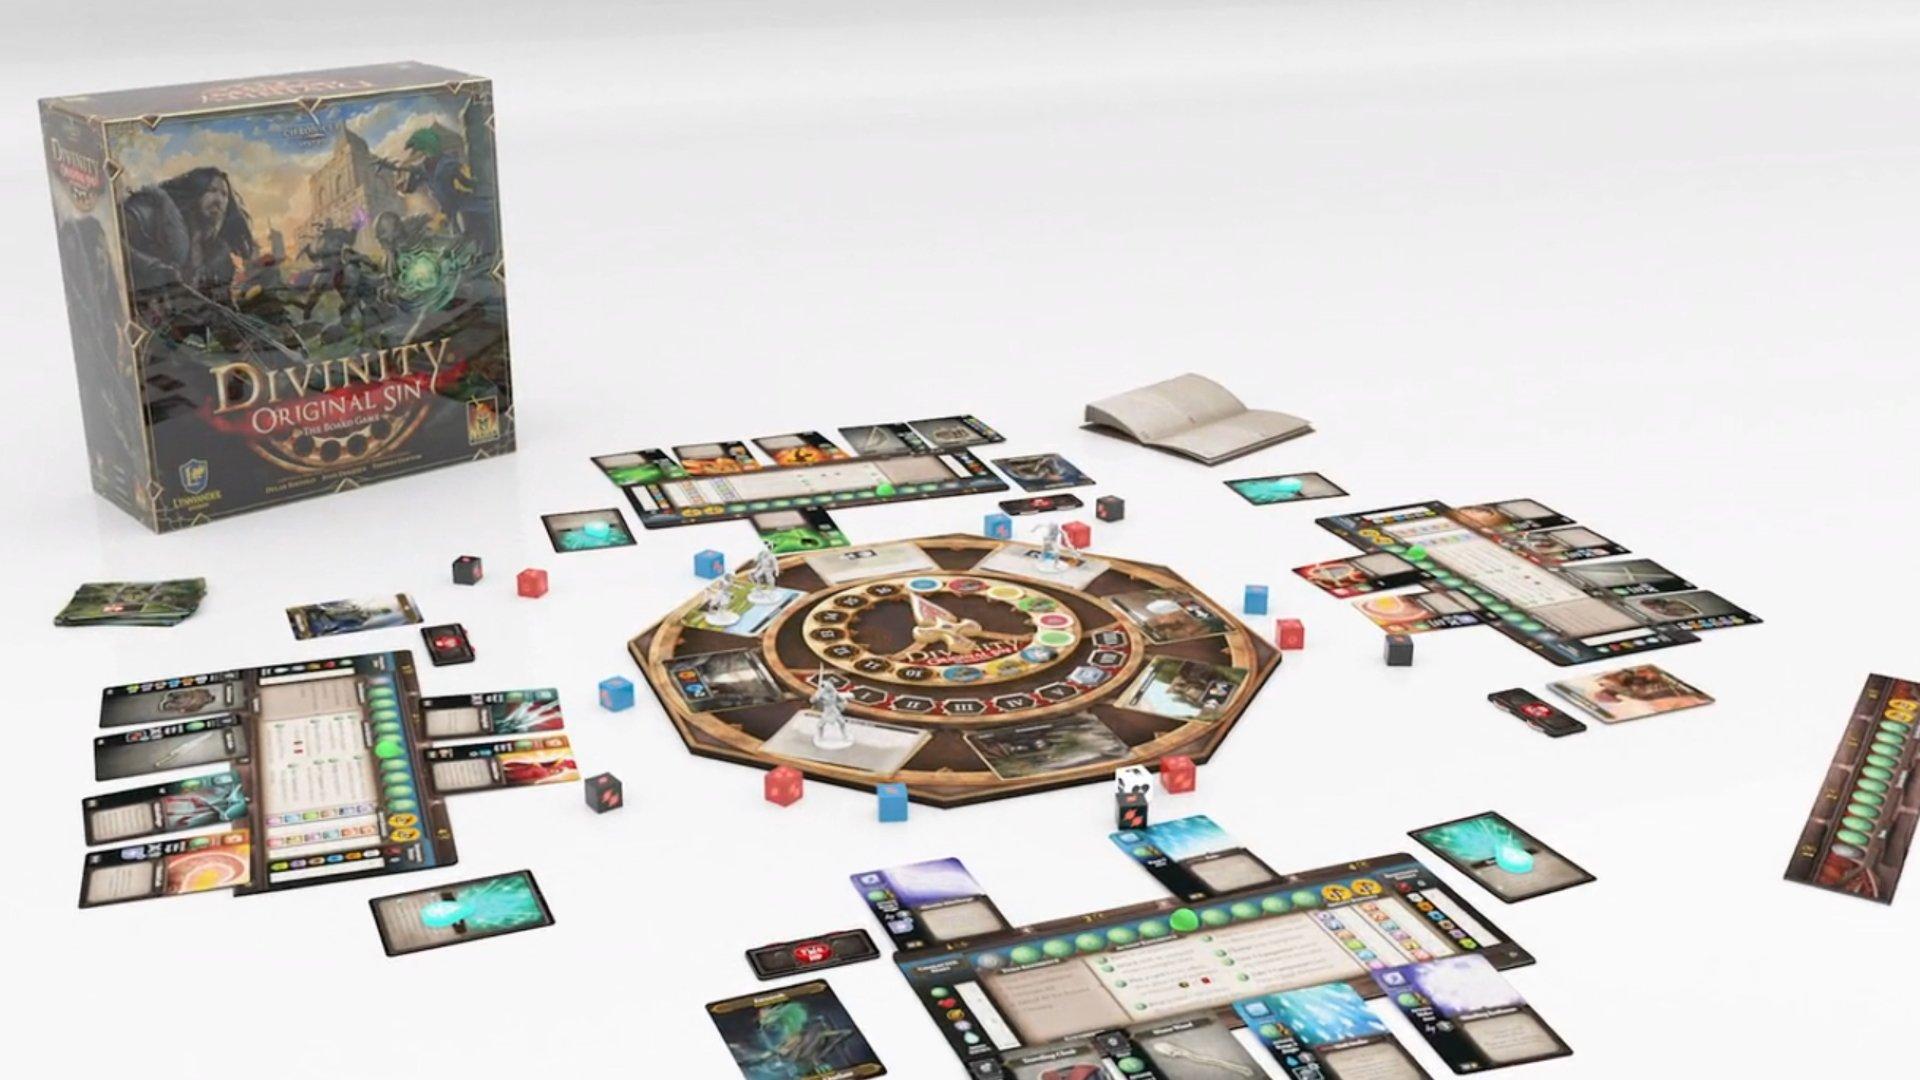 La divinité : Le jeu original de Sin the Board donne le coup d'envoi